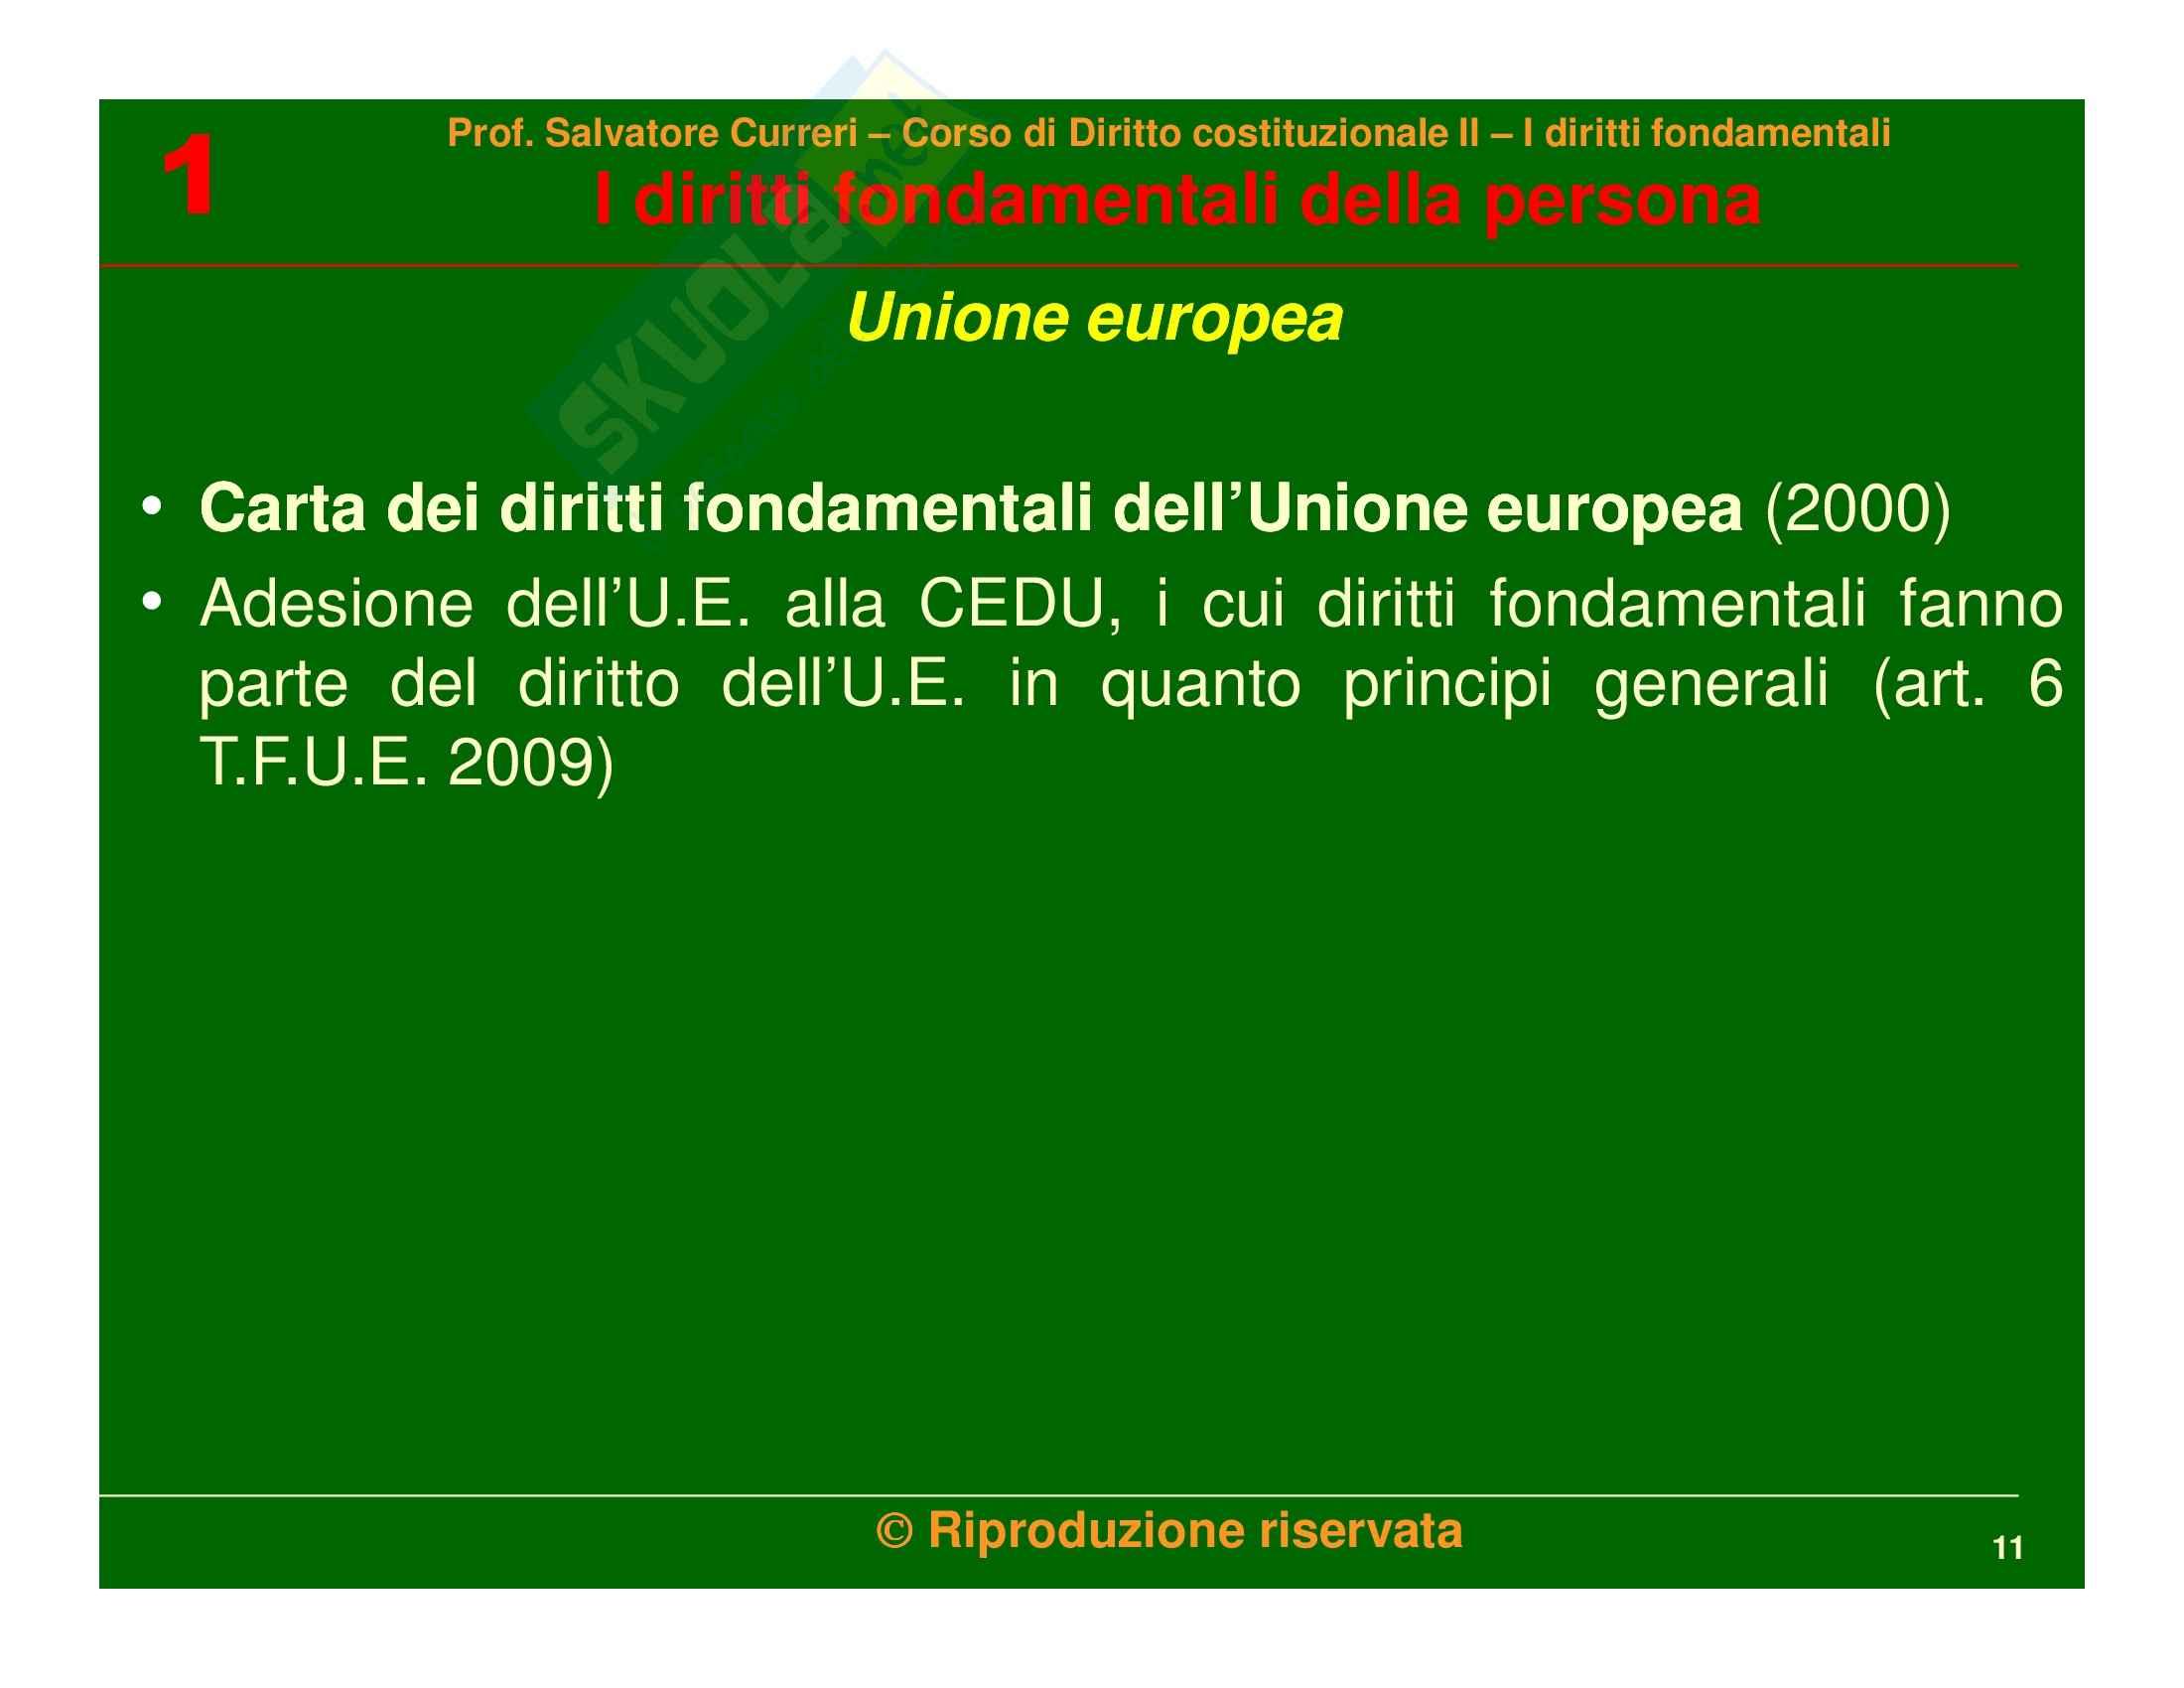 Diritto costituzionale - i diritti fondamentali della persona Pag. 11